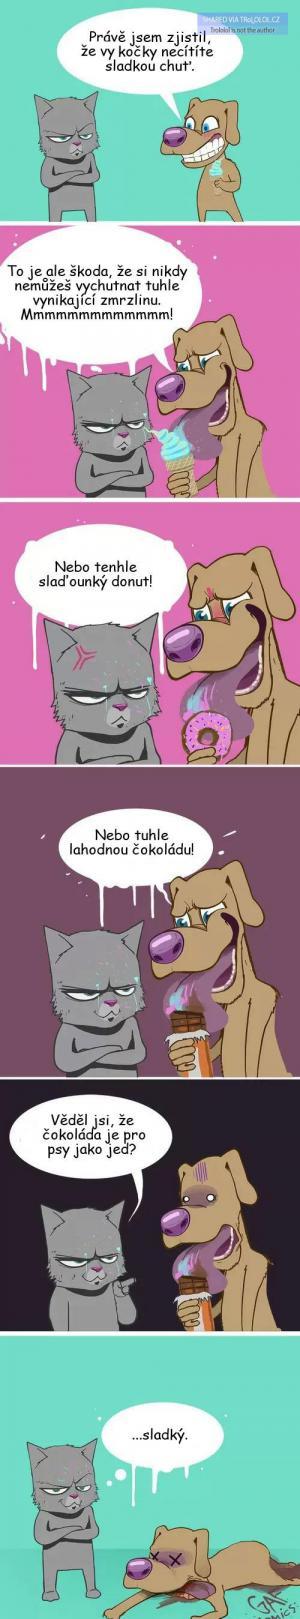 Kočky a sladkosti